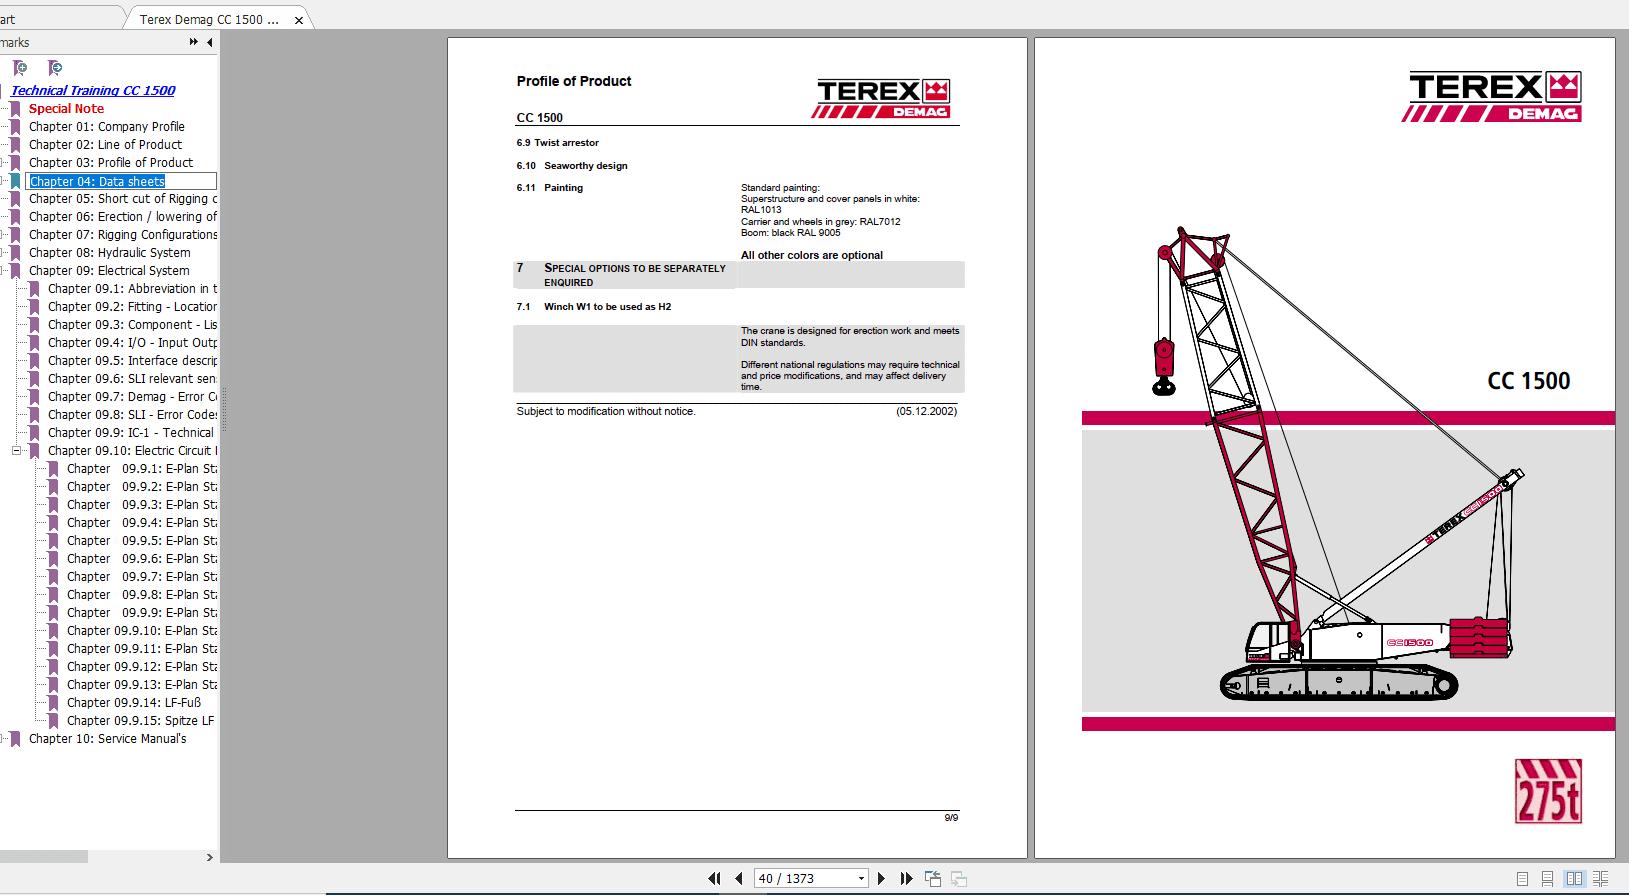 Terex_Demag_CC_1500_Crawler_Crane_Technical_Service_ManualVer10_2